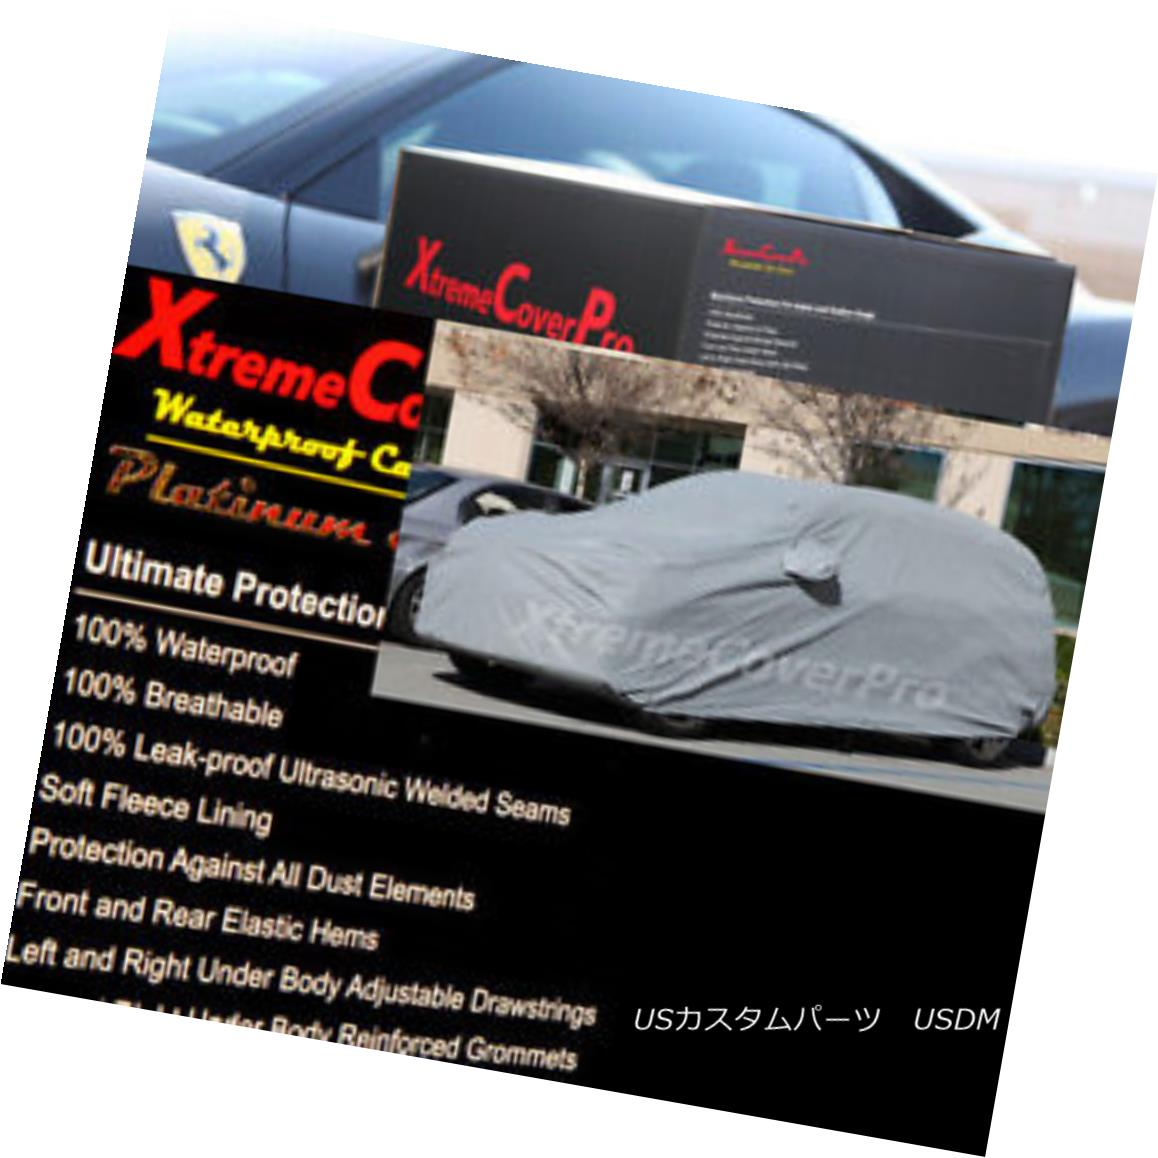 カーカバー WATERPROOF CAR COVER W/MIRROR POCKET GRAY for 2014 2013 2012 2011 HYUNDAI TUCSON 2014年の防水カーカバーW / MIRROR POCKET GRAY 2013年2011年HYUNDAI TUCSON